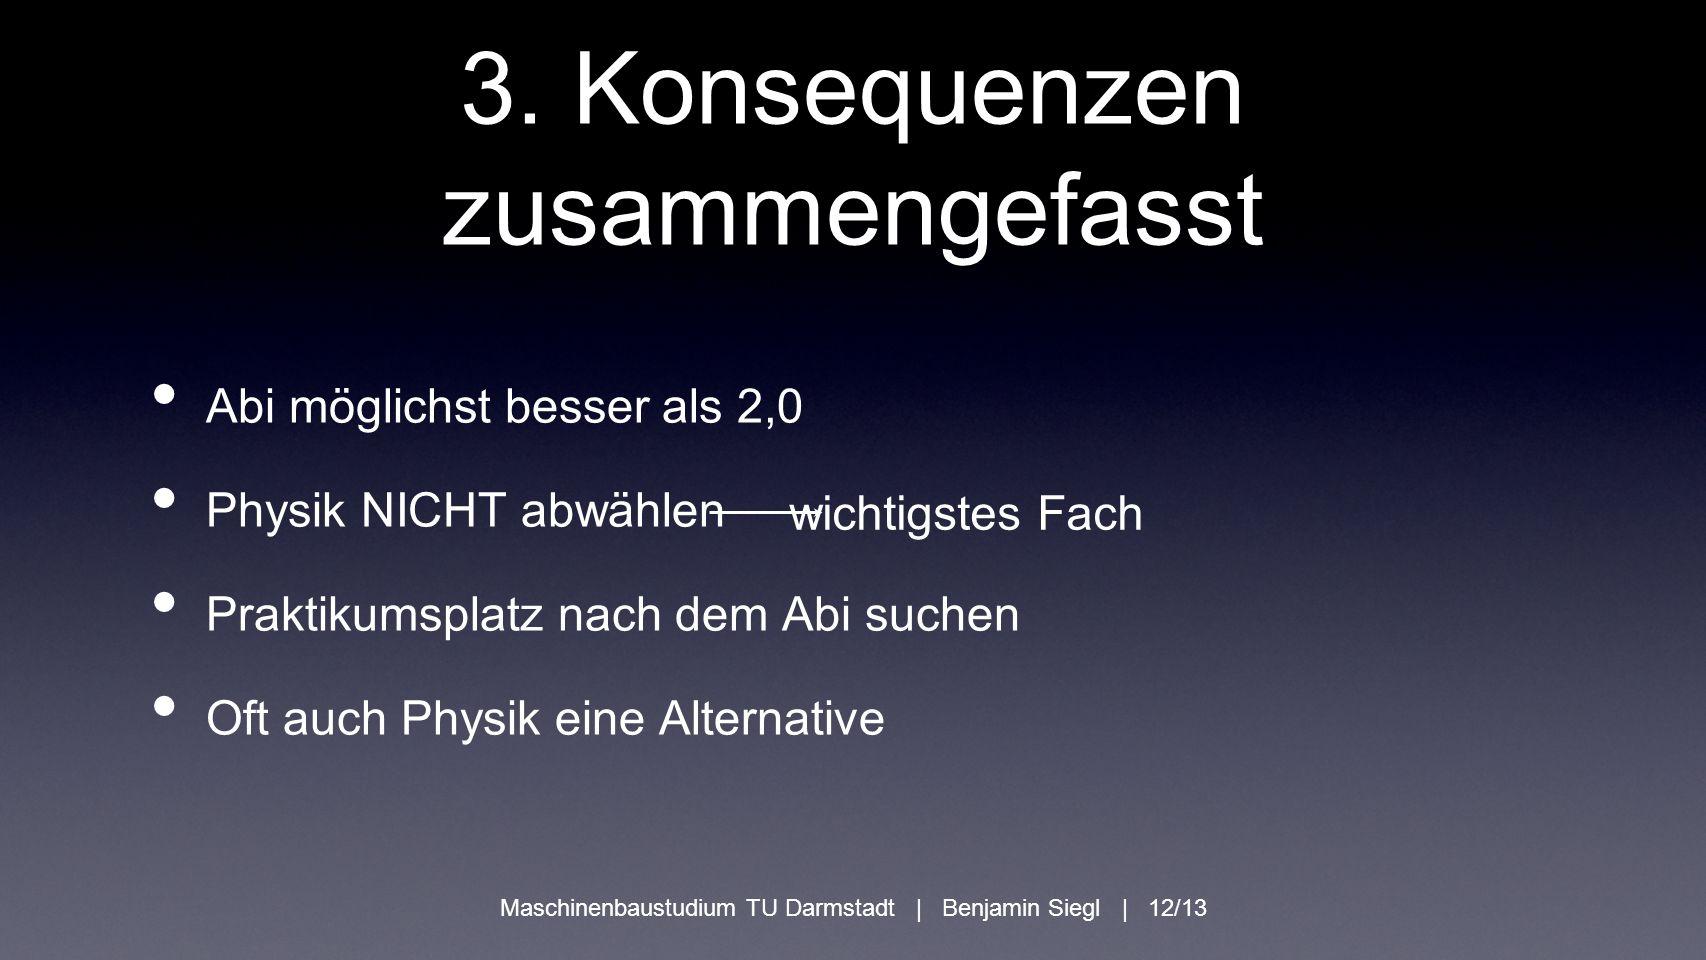 3. Konsequenzen zusammengefasst Abi möglichst besser als 2,0 Physik NICHT abwählen Praktikumsplatz nach dem Abi suchen Oft auch Physik eine Alternativ